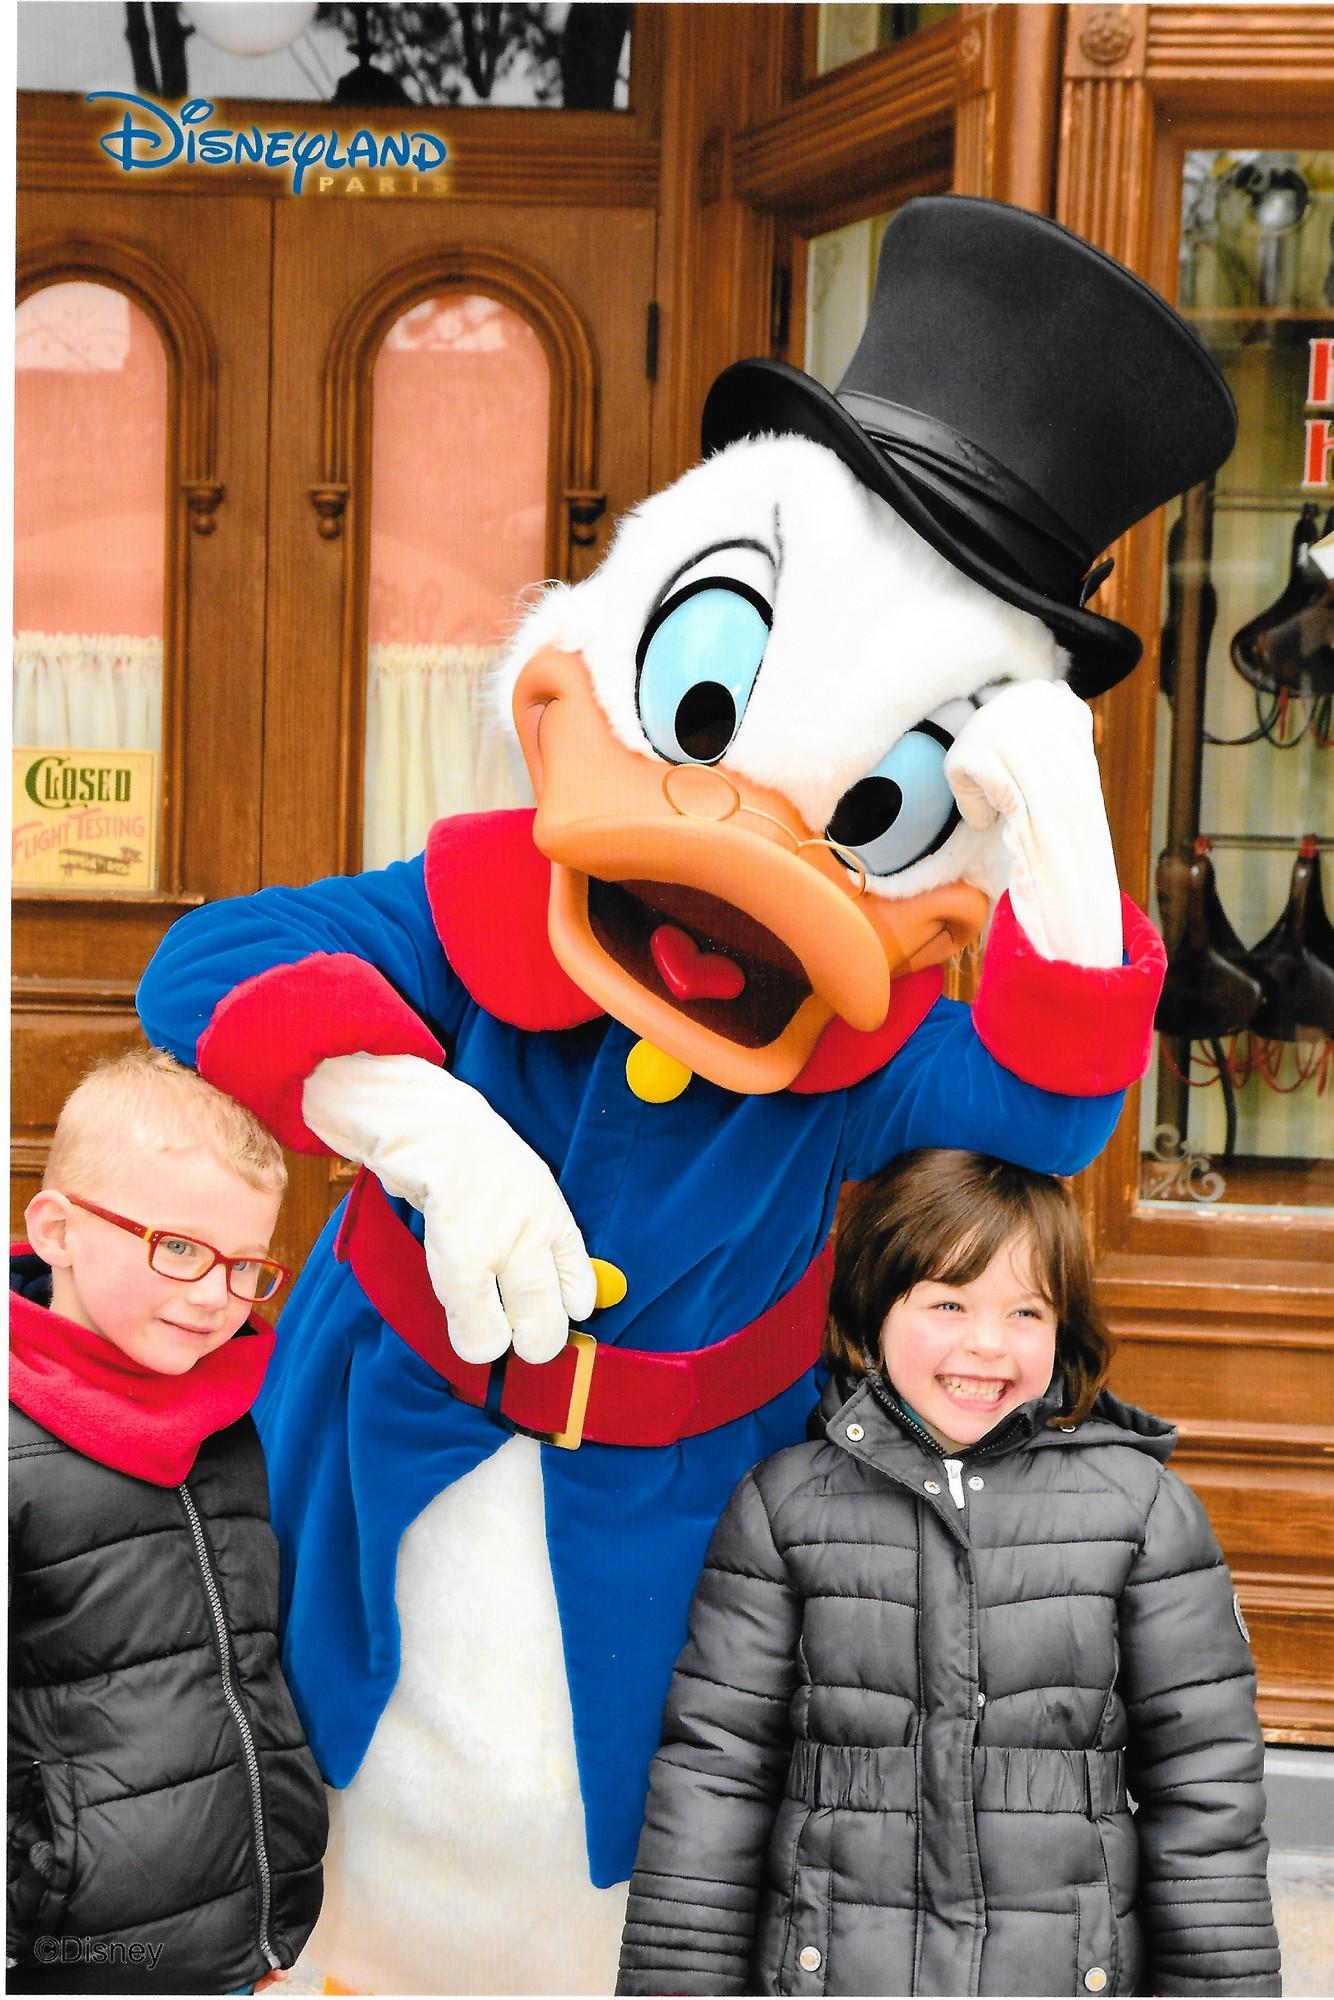 Quel(s) personnage(s) aimeriez-vous ou n'avez-vous jamais rencontré à DLP? - Page 10 Disney10